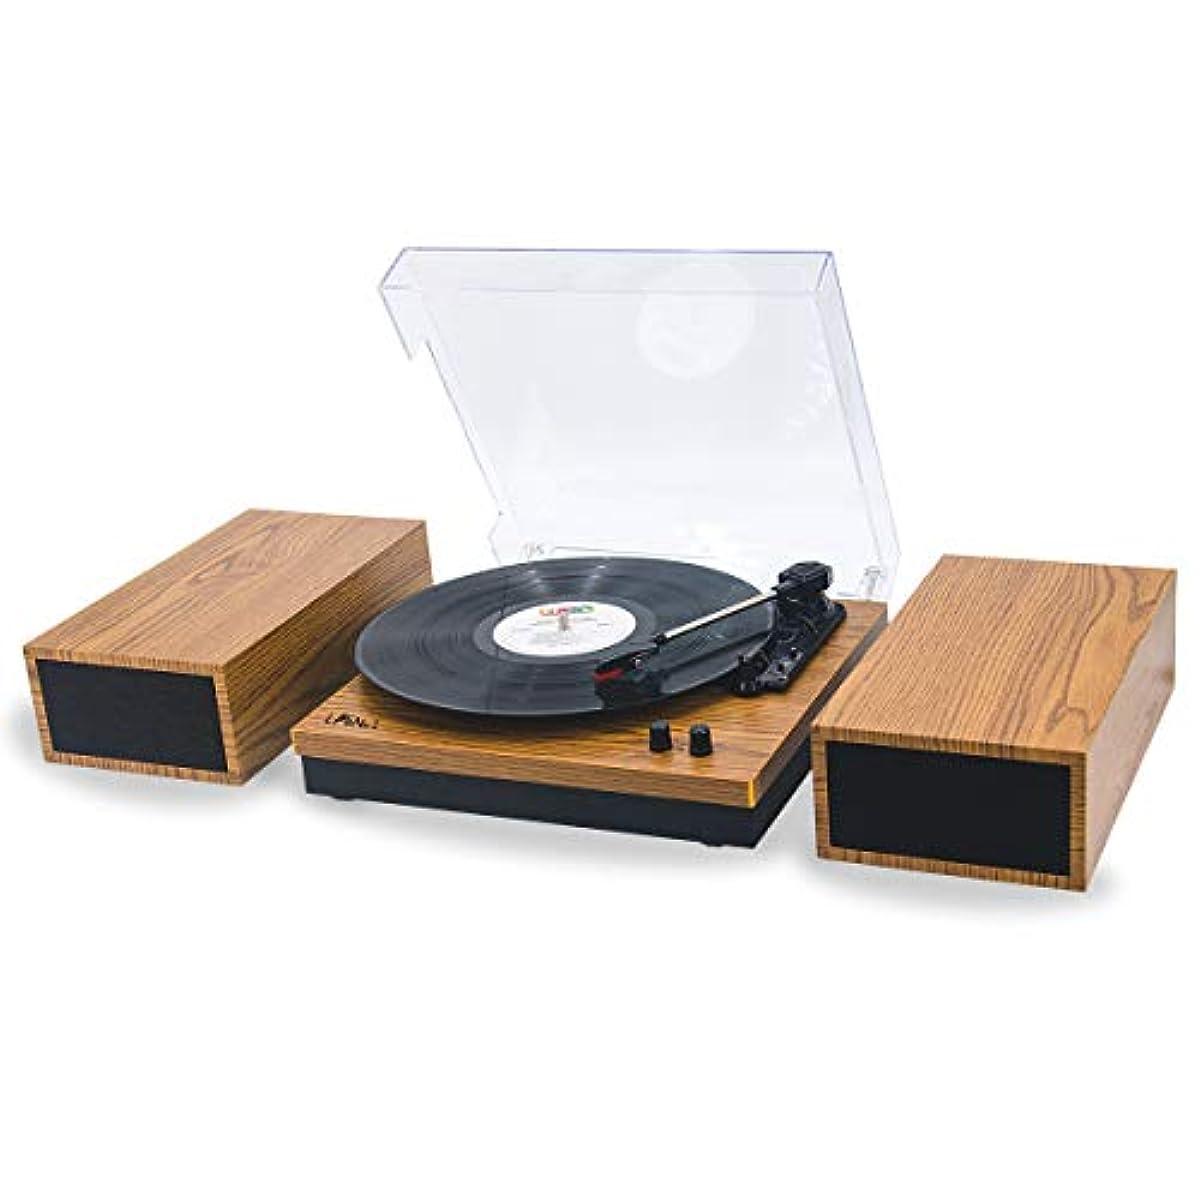 [해외] LP&NO.1 레트로 벨트 드라이어이브 블루 tooth 턴 테이블 분리 가능 스테레오 스피커 부착,3 스피드 비닐 레코드 플레이어